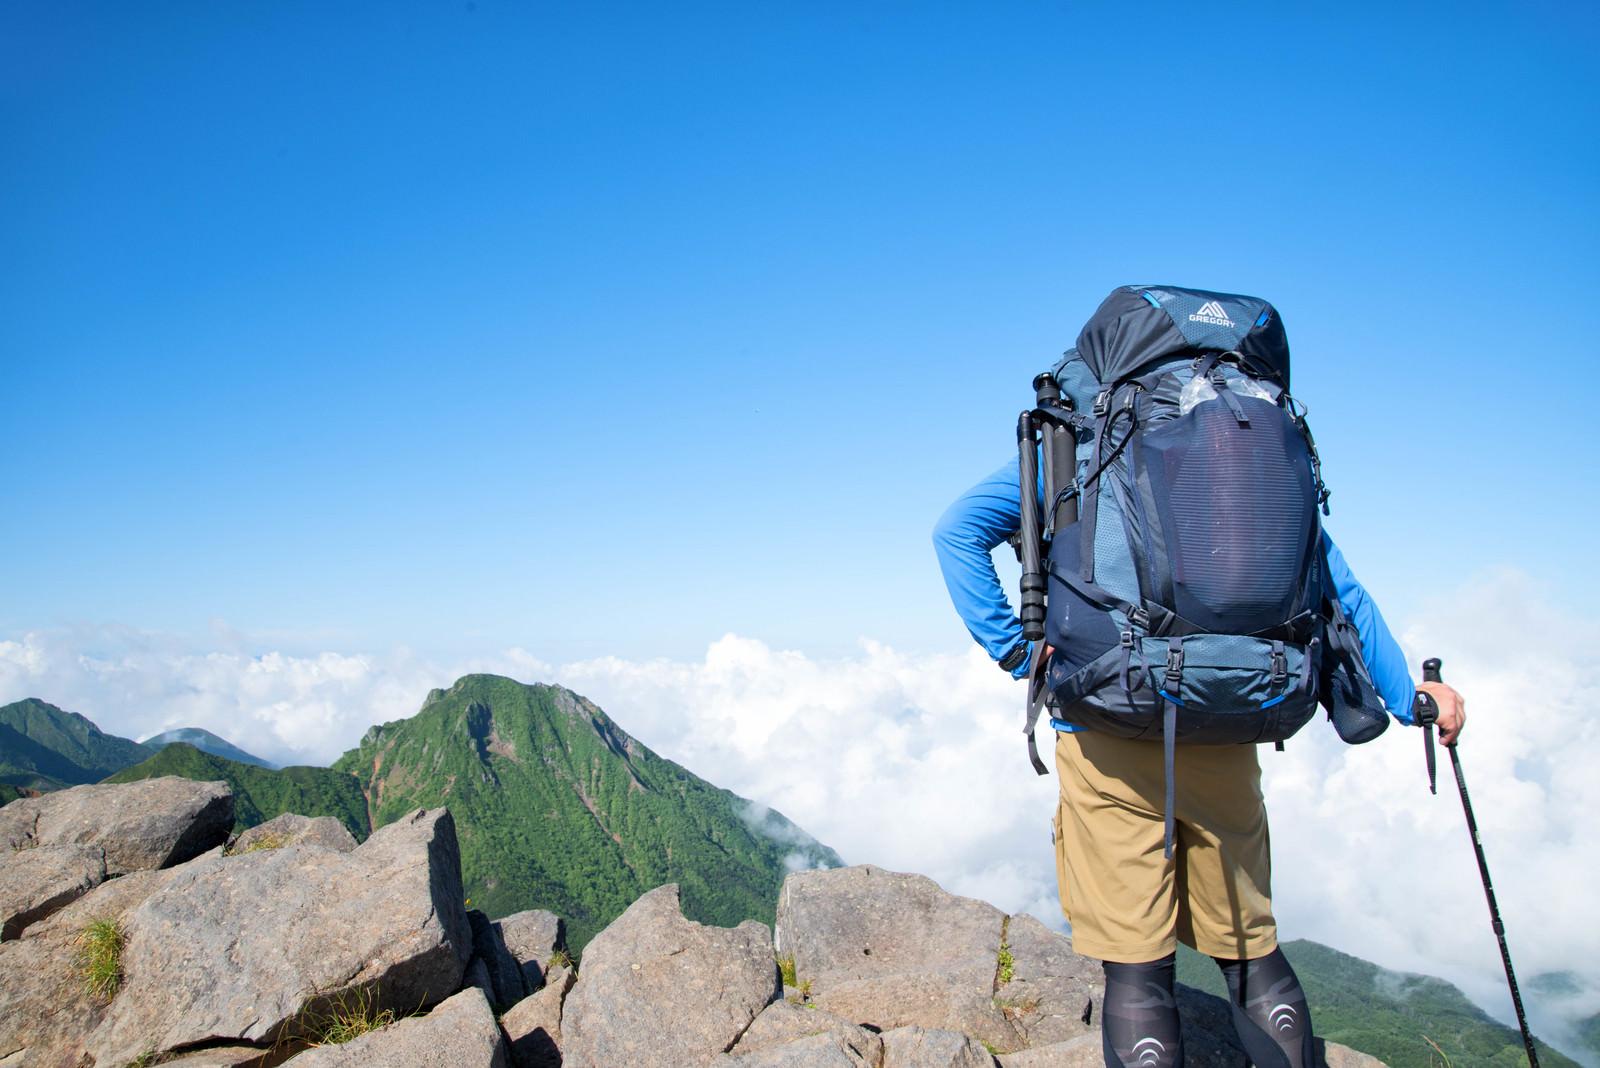 「阿弥陀岳を眺める登山者(山岳カメラマン)」の写真